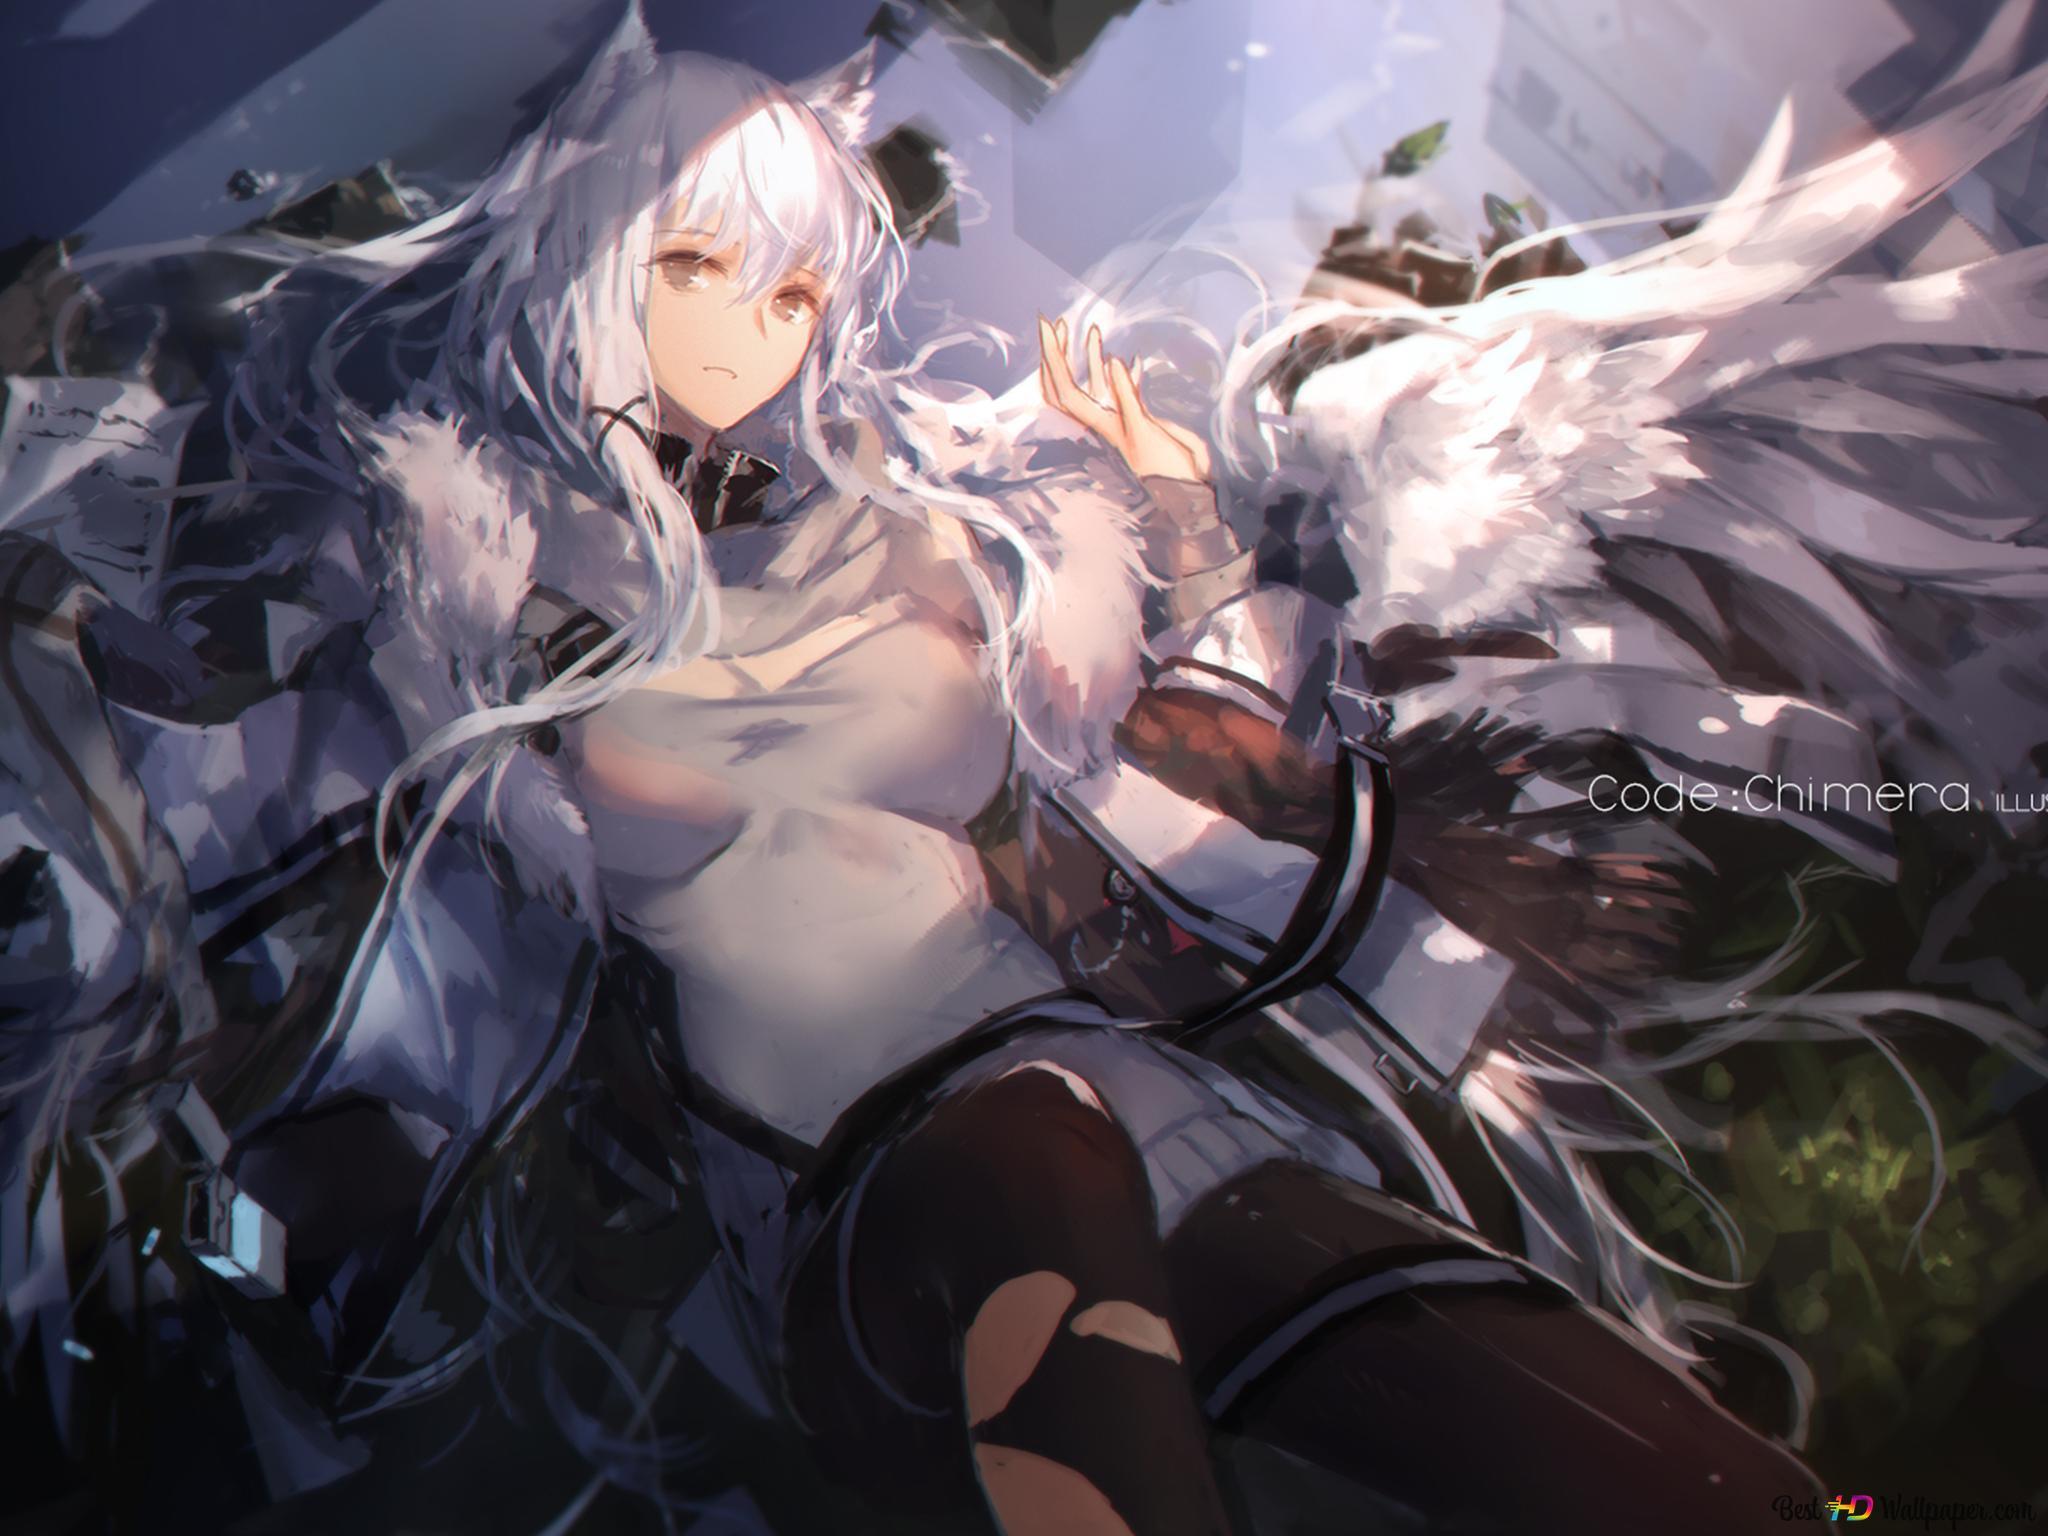 ホワイト髪のアニメの女の子 Hd壁紙のダウンロード